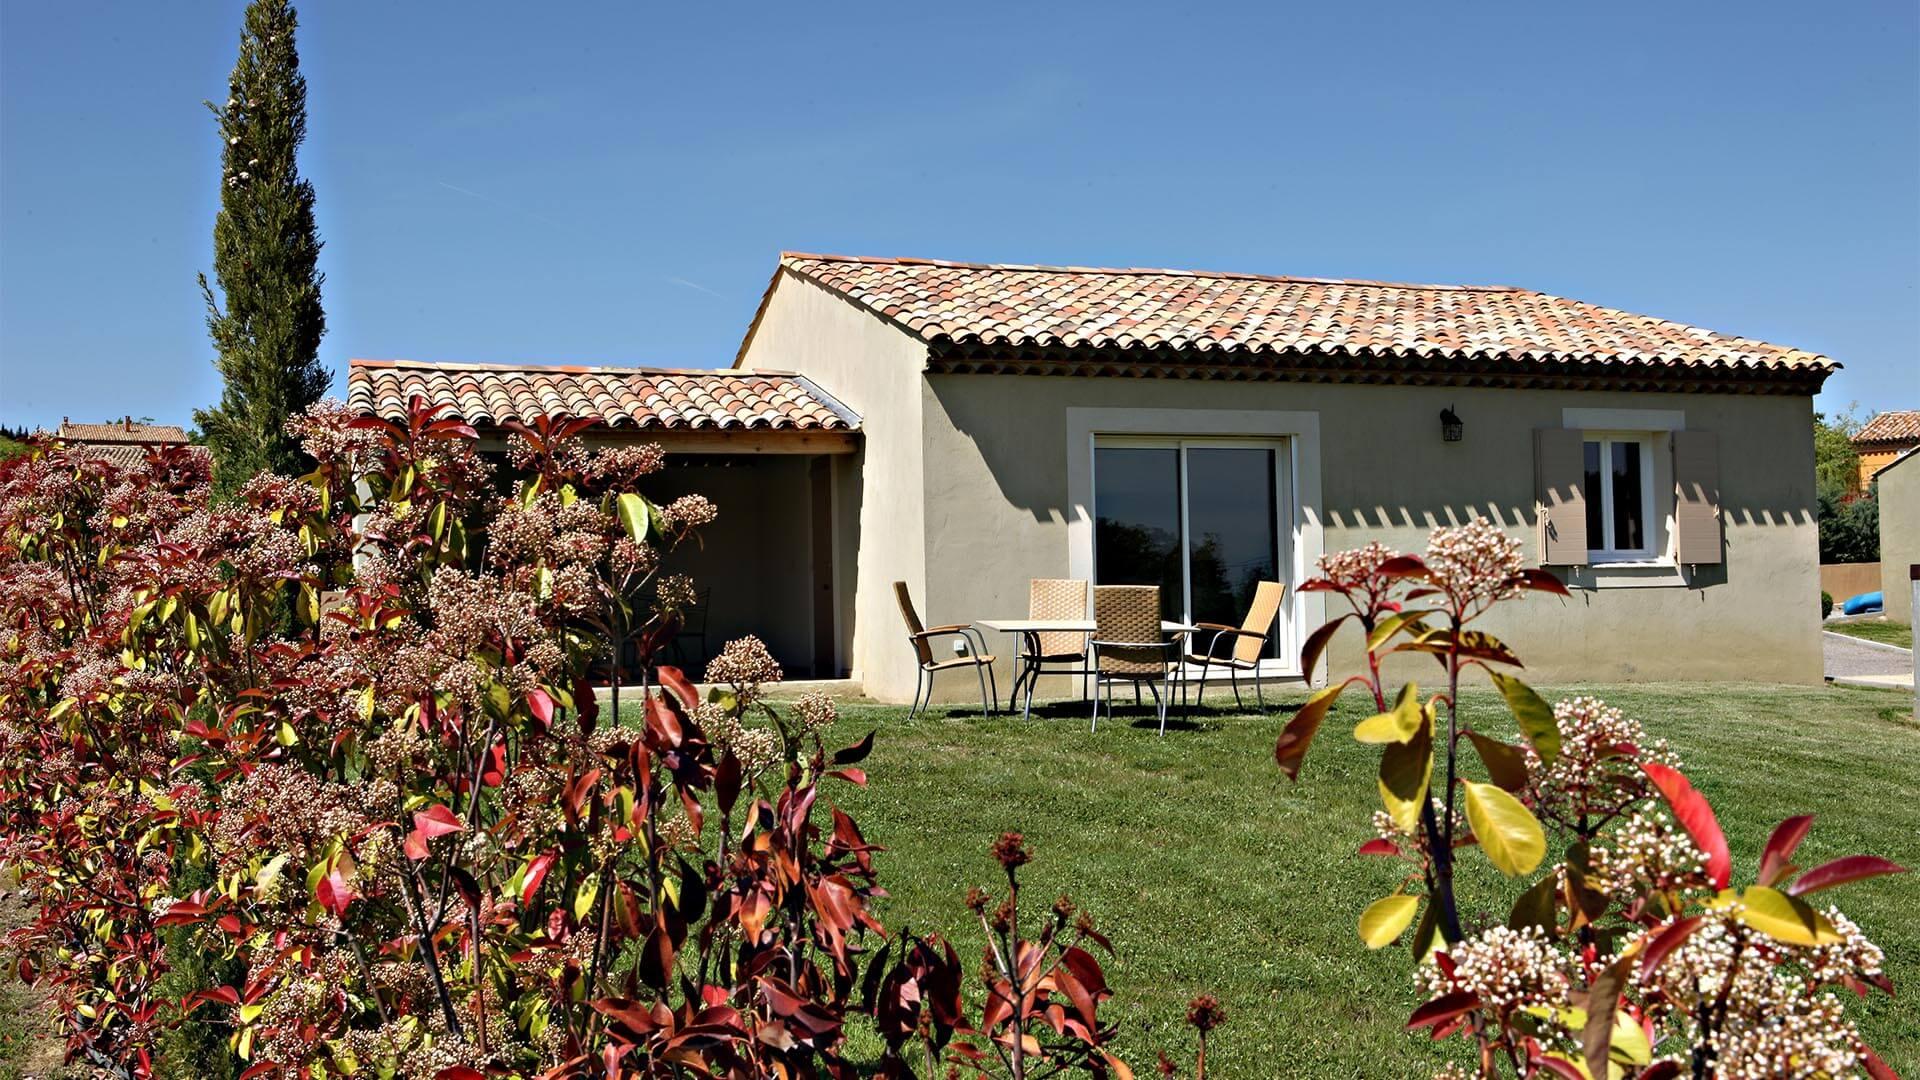 Location maison de vacances Luberon | Villa la source | Jardin privatif et terrasse